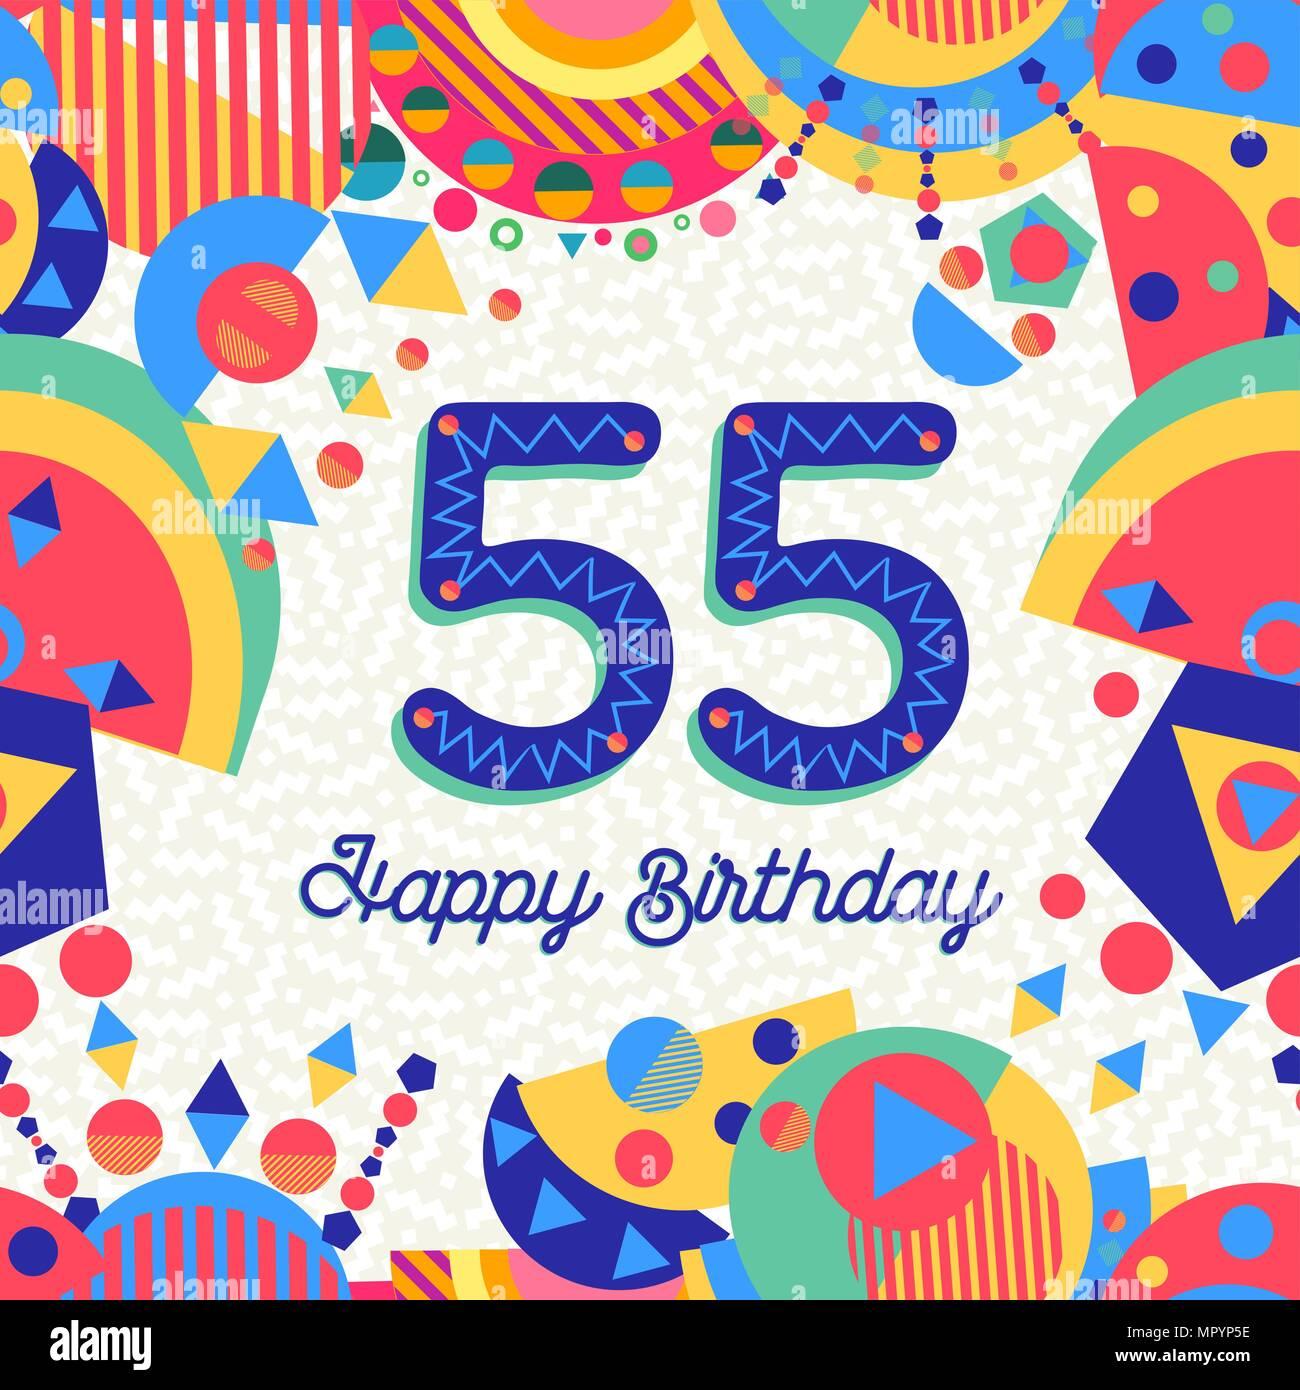 Auguri Buon Compleanno 55 Anni.Buon Compleanno Cinquantacinque 55 Anno Design Divertente